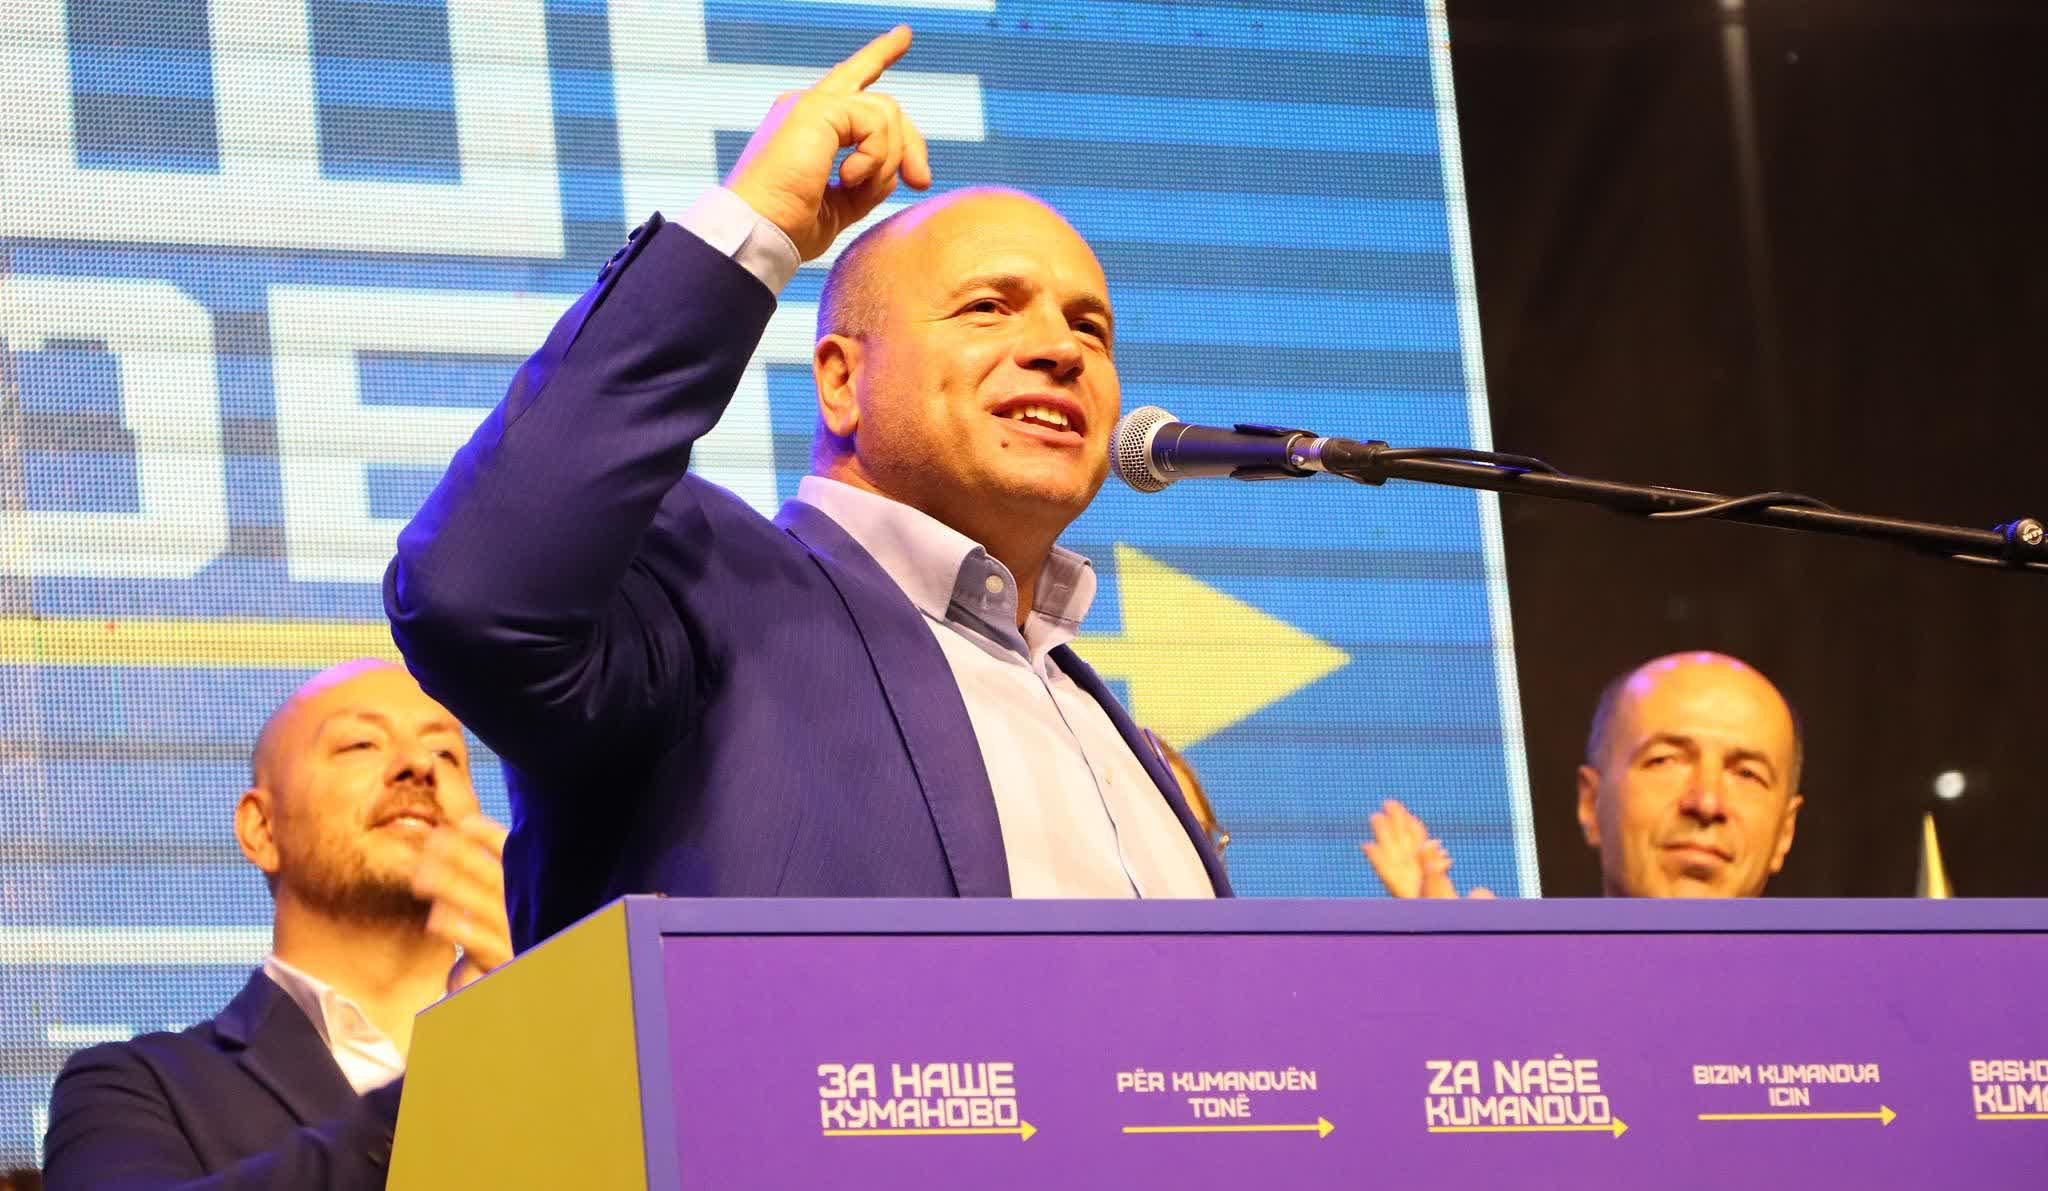 Димитриевски ги претстави проектите пред граѓаните за модерен лик на Куманово